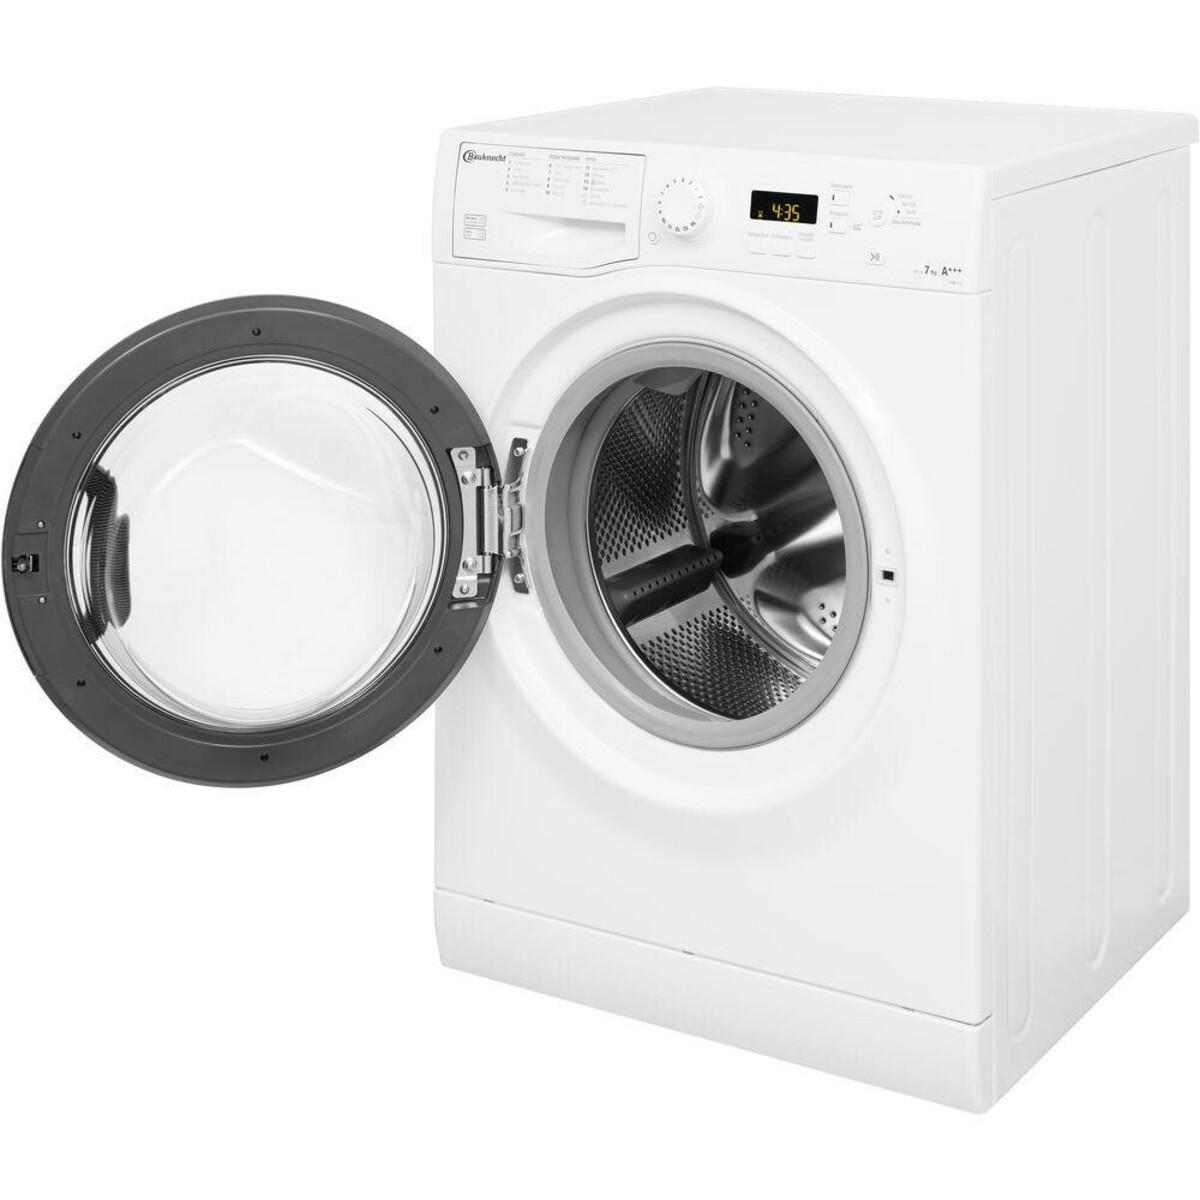 Bild 3 von BAUKNECHT FWM 7F4 Waschmaschine (7 kg, 1400 U/min., A+++, Wolle, Anti-Allergie)